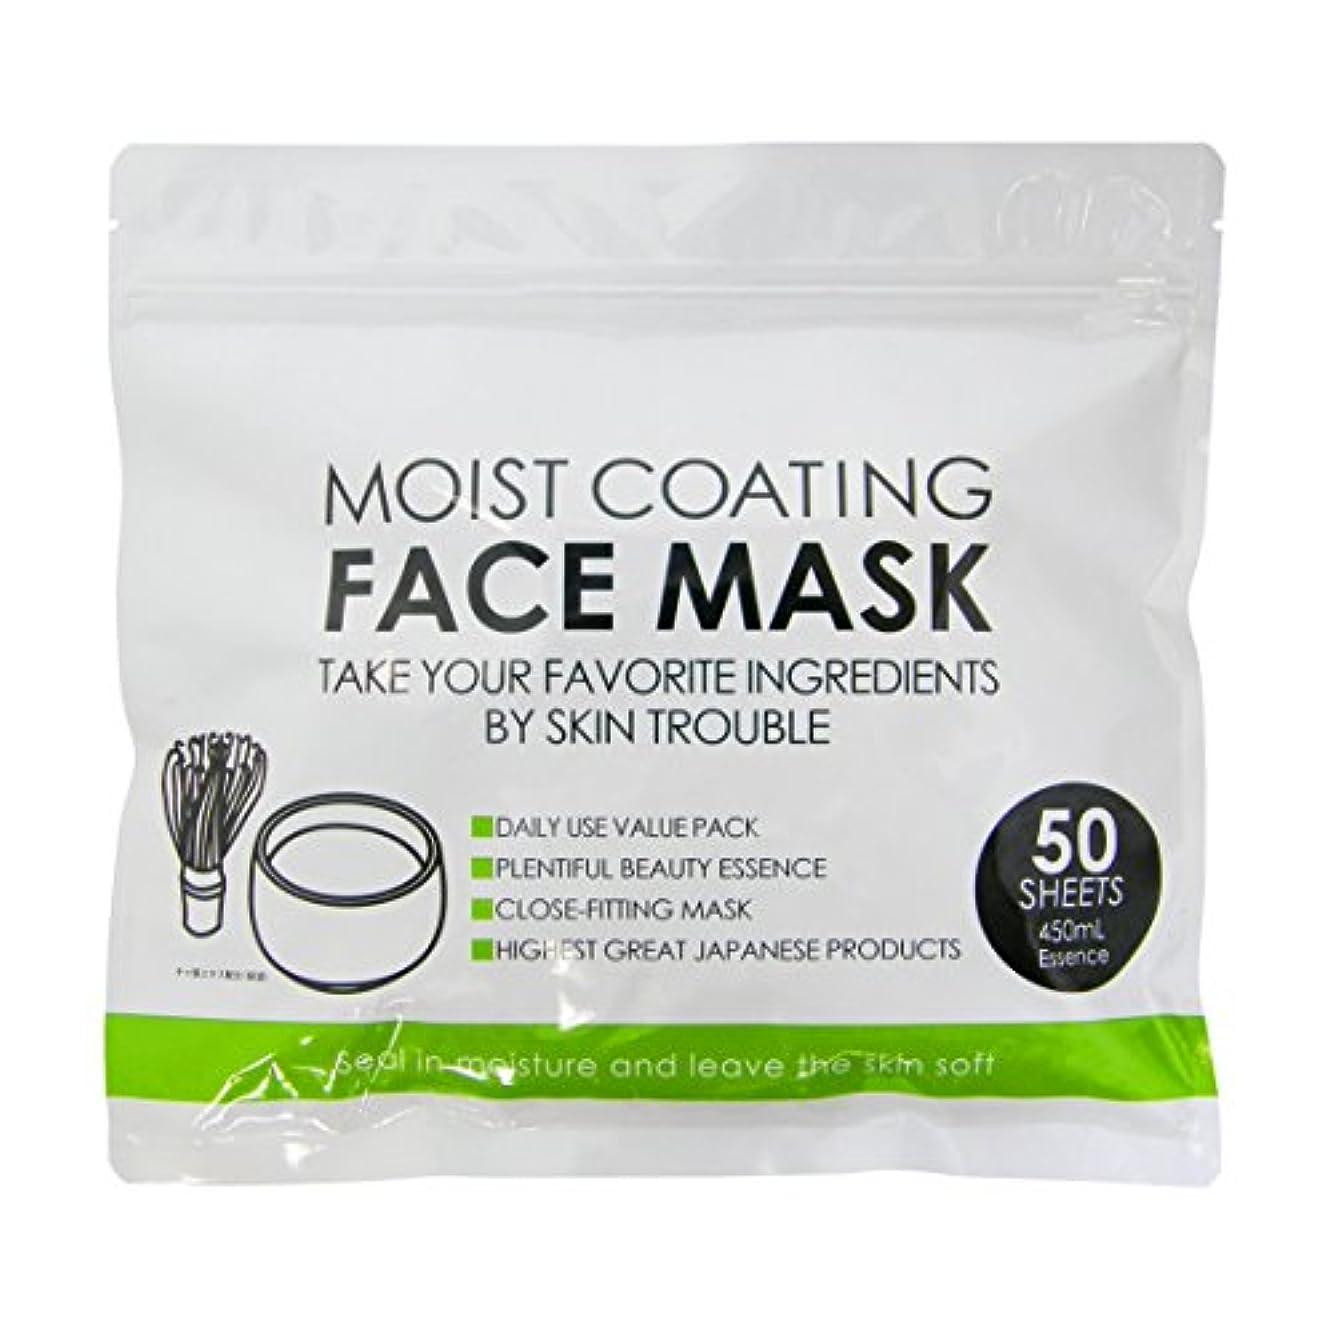 ツインピクニックをするつまらない【Amazon.co.jp限定】フェイスマスク 抹茶 50枚入